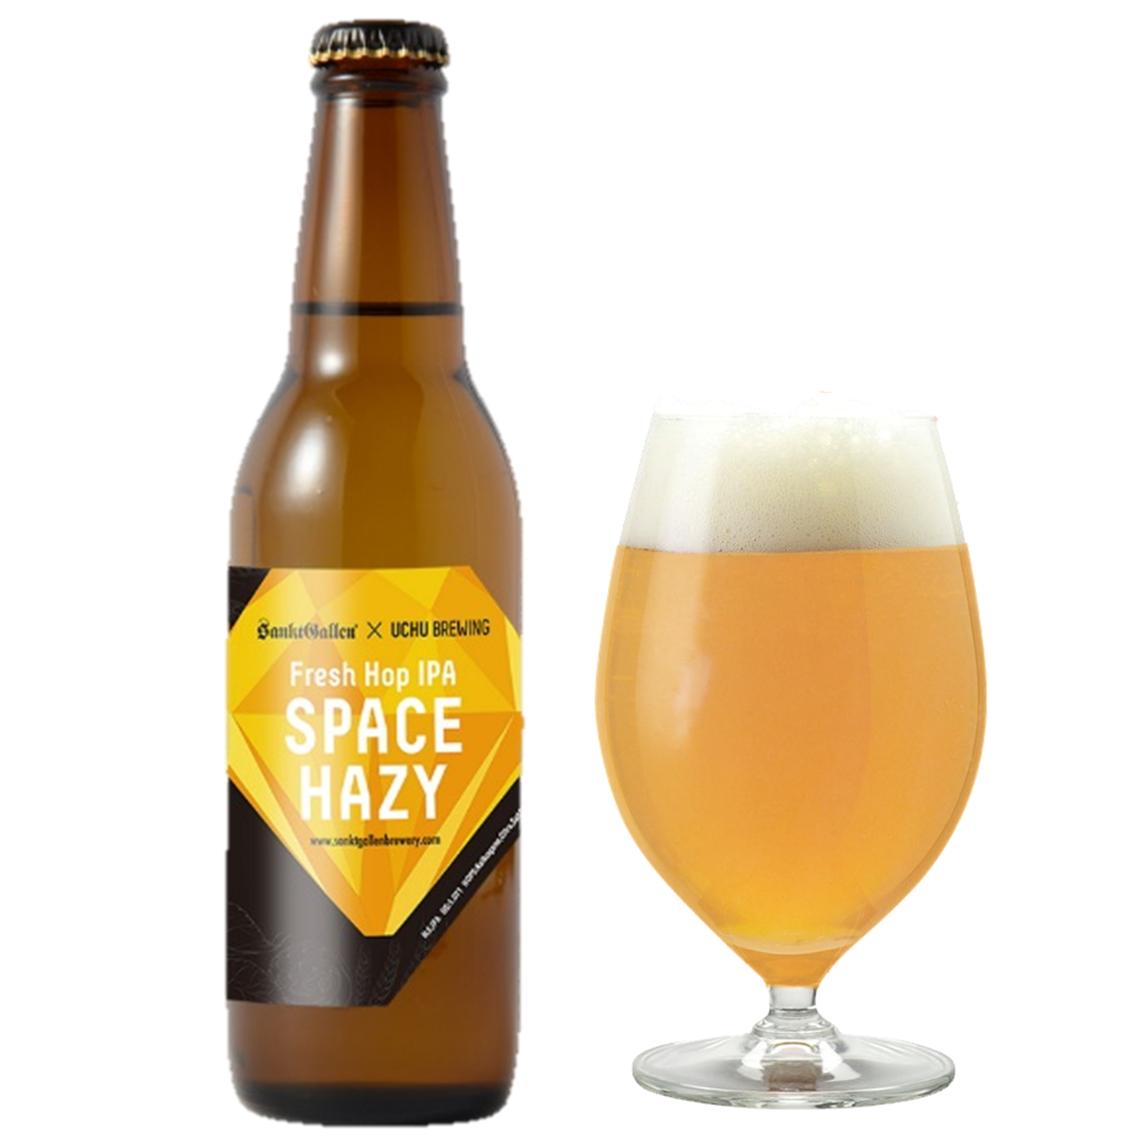 SPACE HAZY